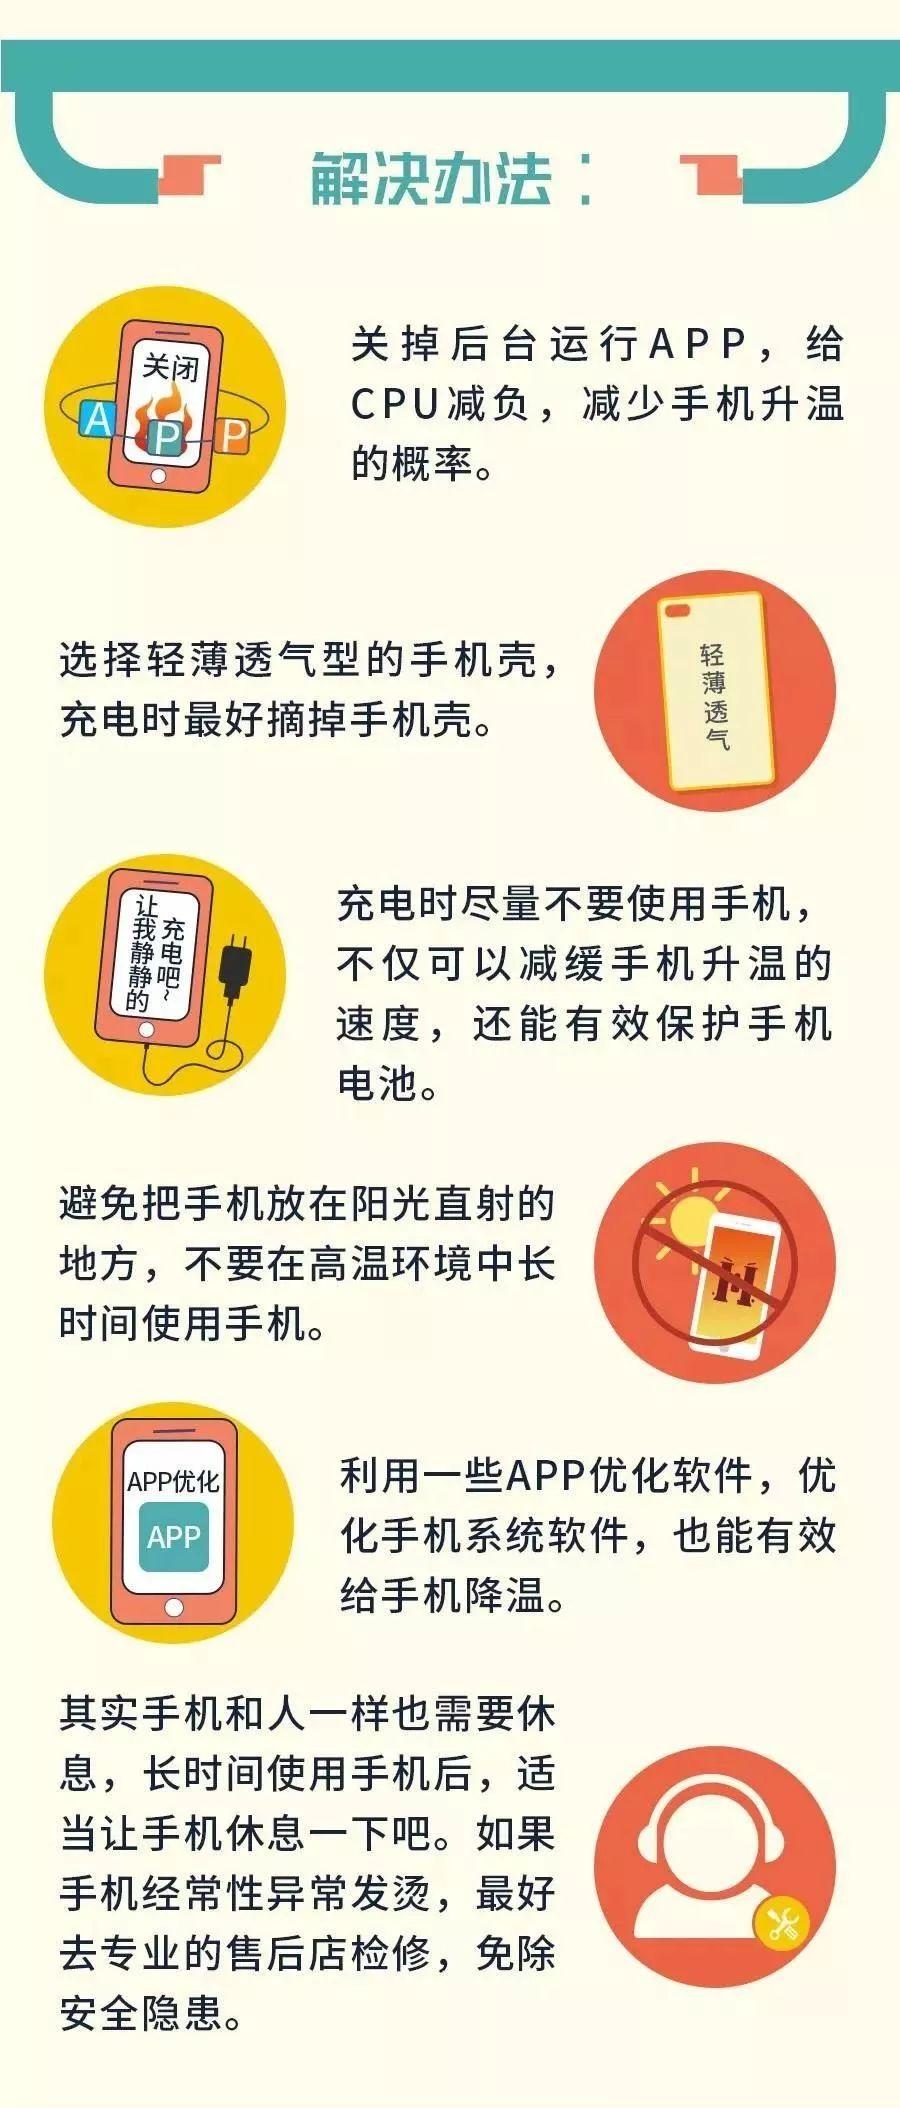 澳门赌博网站人快看!夏天手机容易发烫怎么办?这几招让手机快速降温!